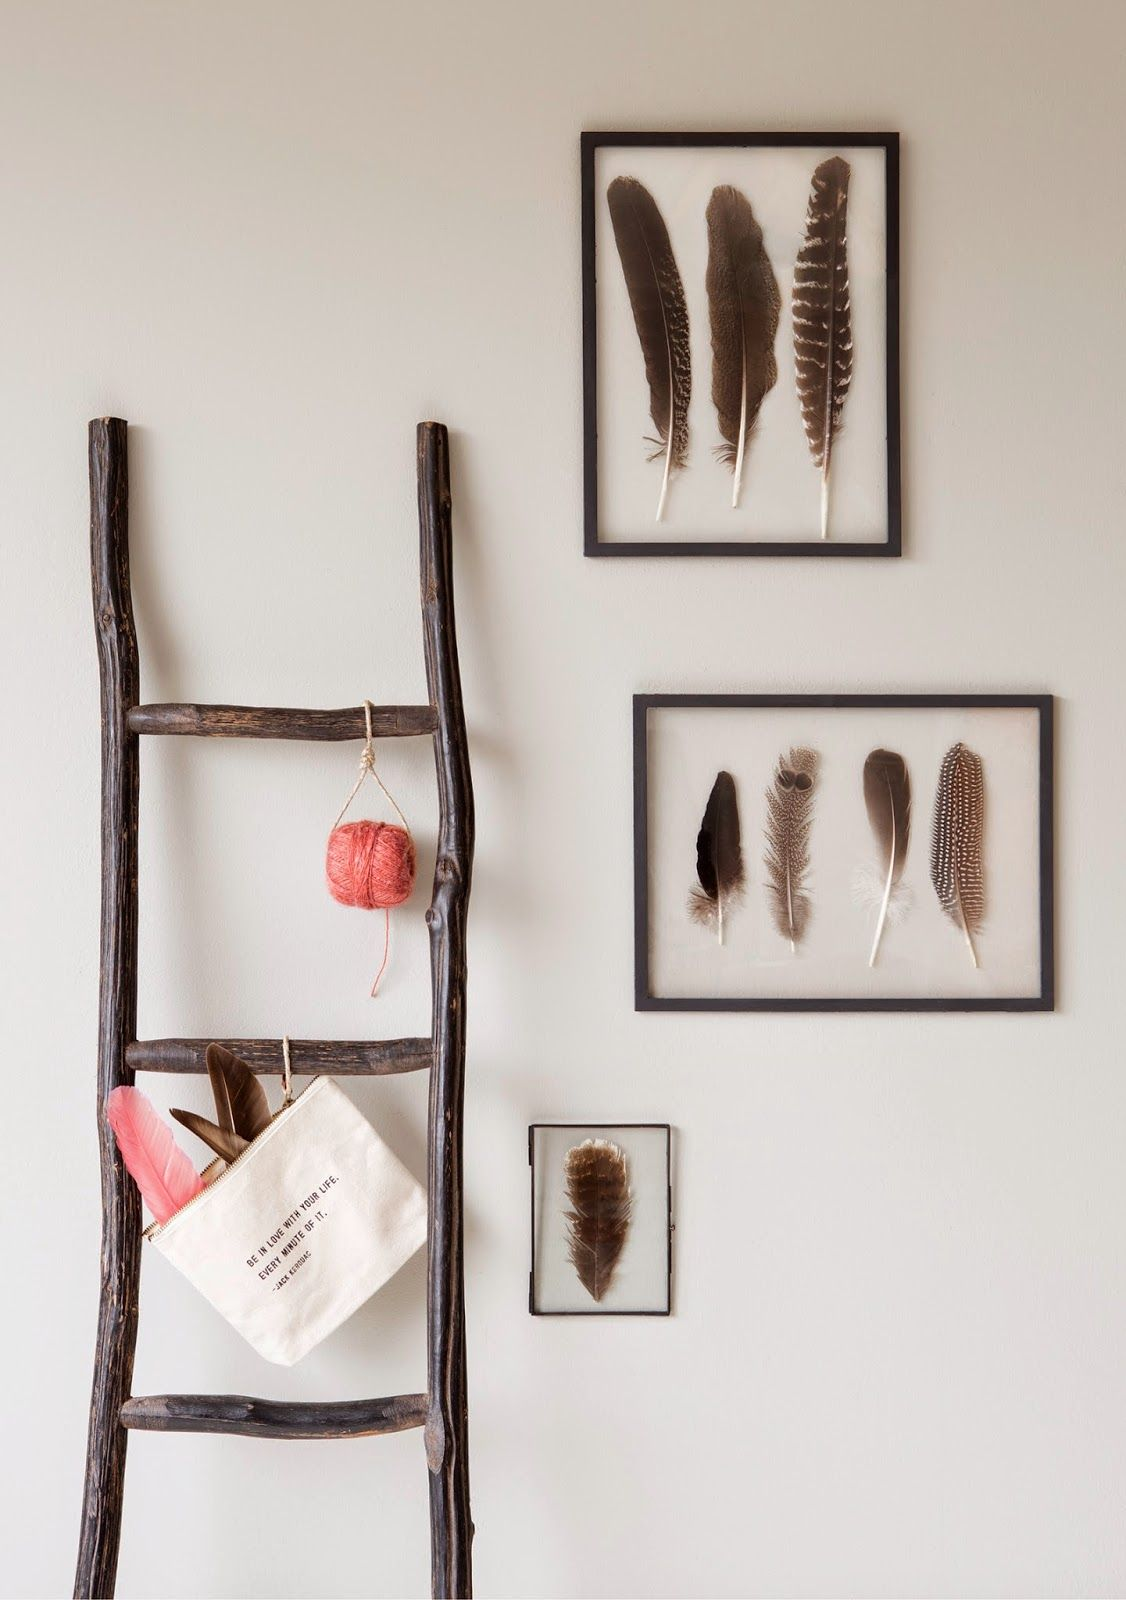 Pin de ioLA en PeaCh CoLoR ✓ | Pinterest | Decoracion de pared y ...